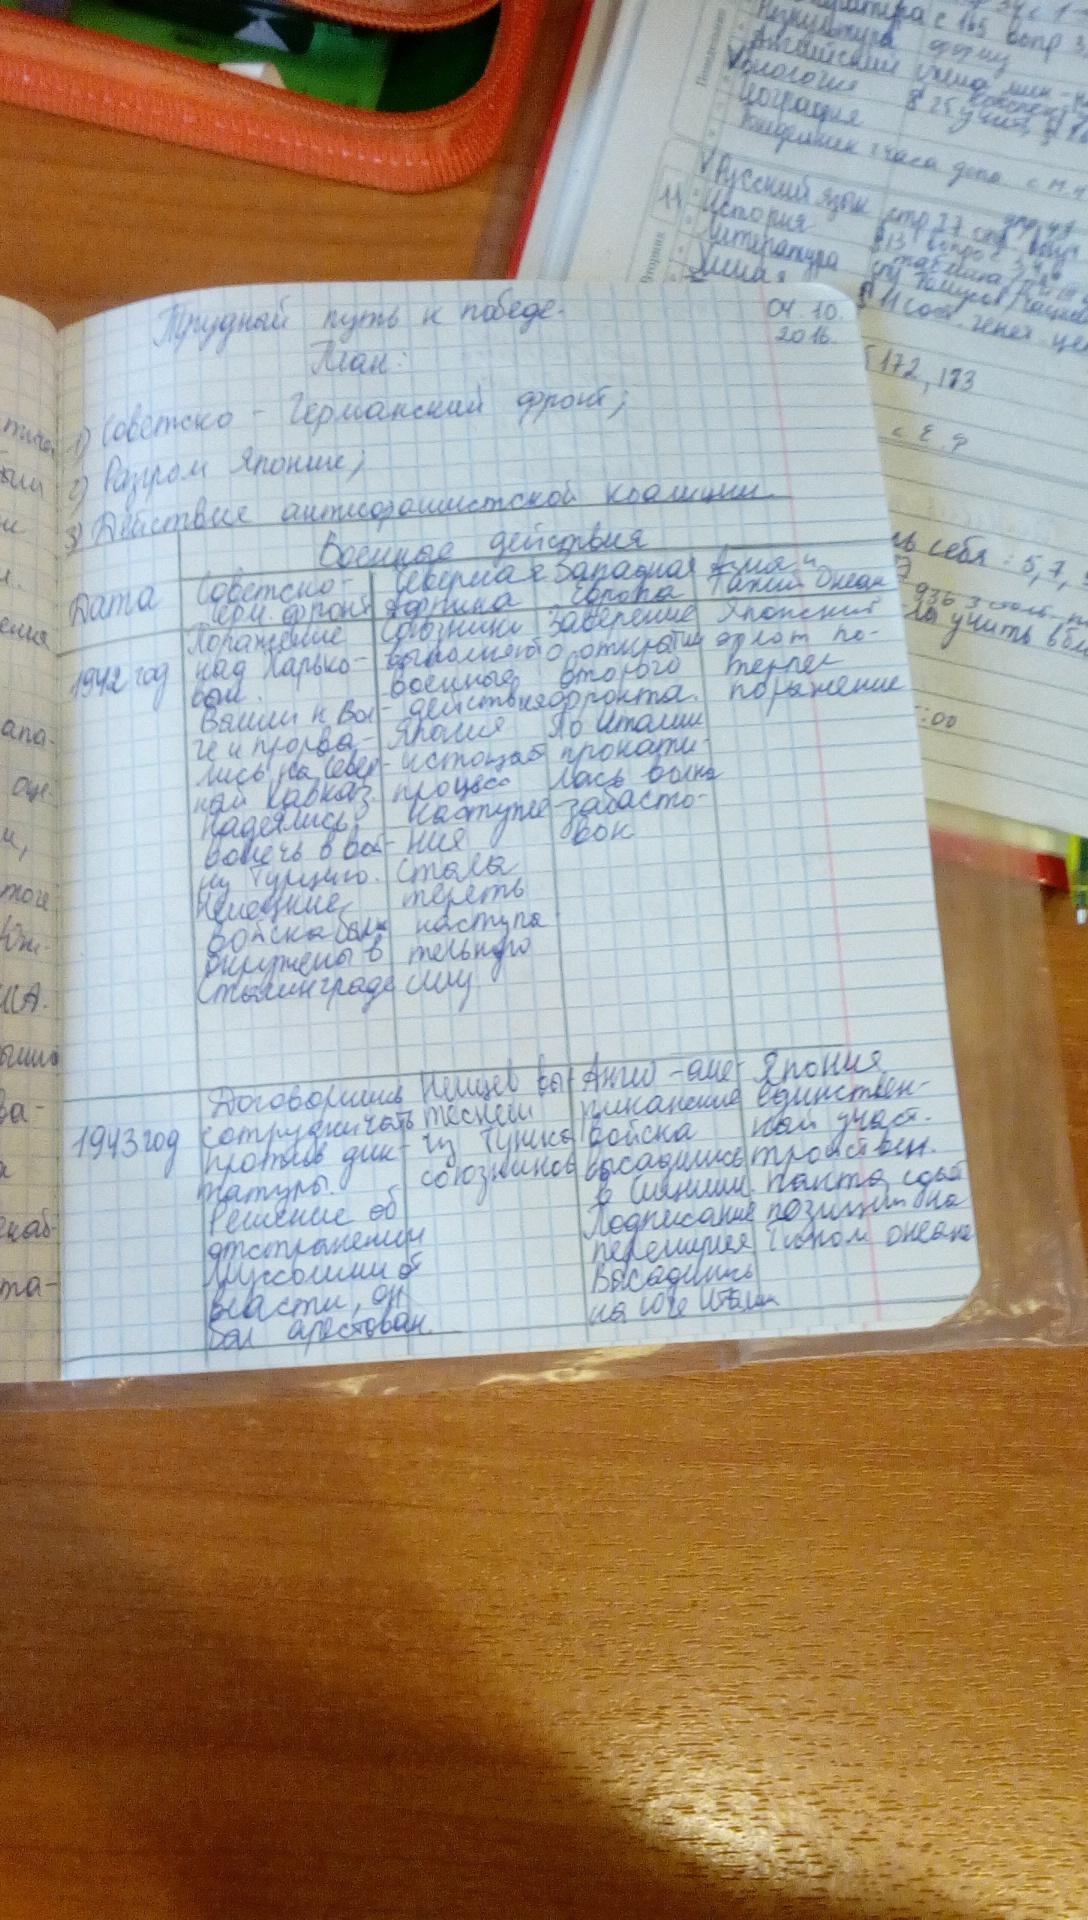 Гдз по истории 9 класс всеобщая история ответы на вопросы загладин